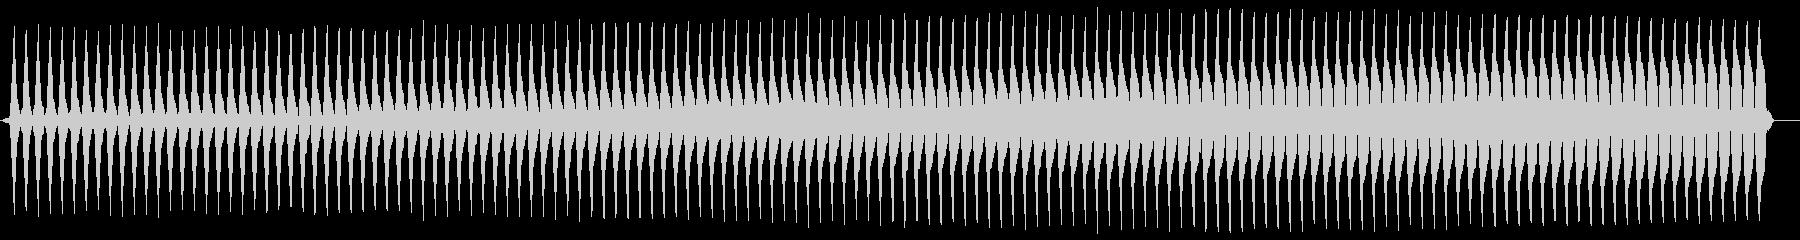 ブー。クイズ不正解/ブザー音の未再生の波形